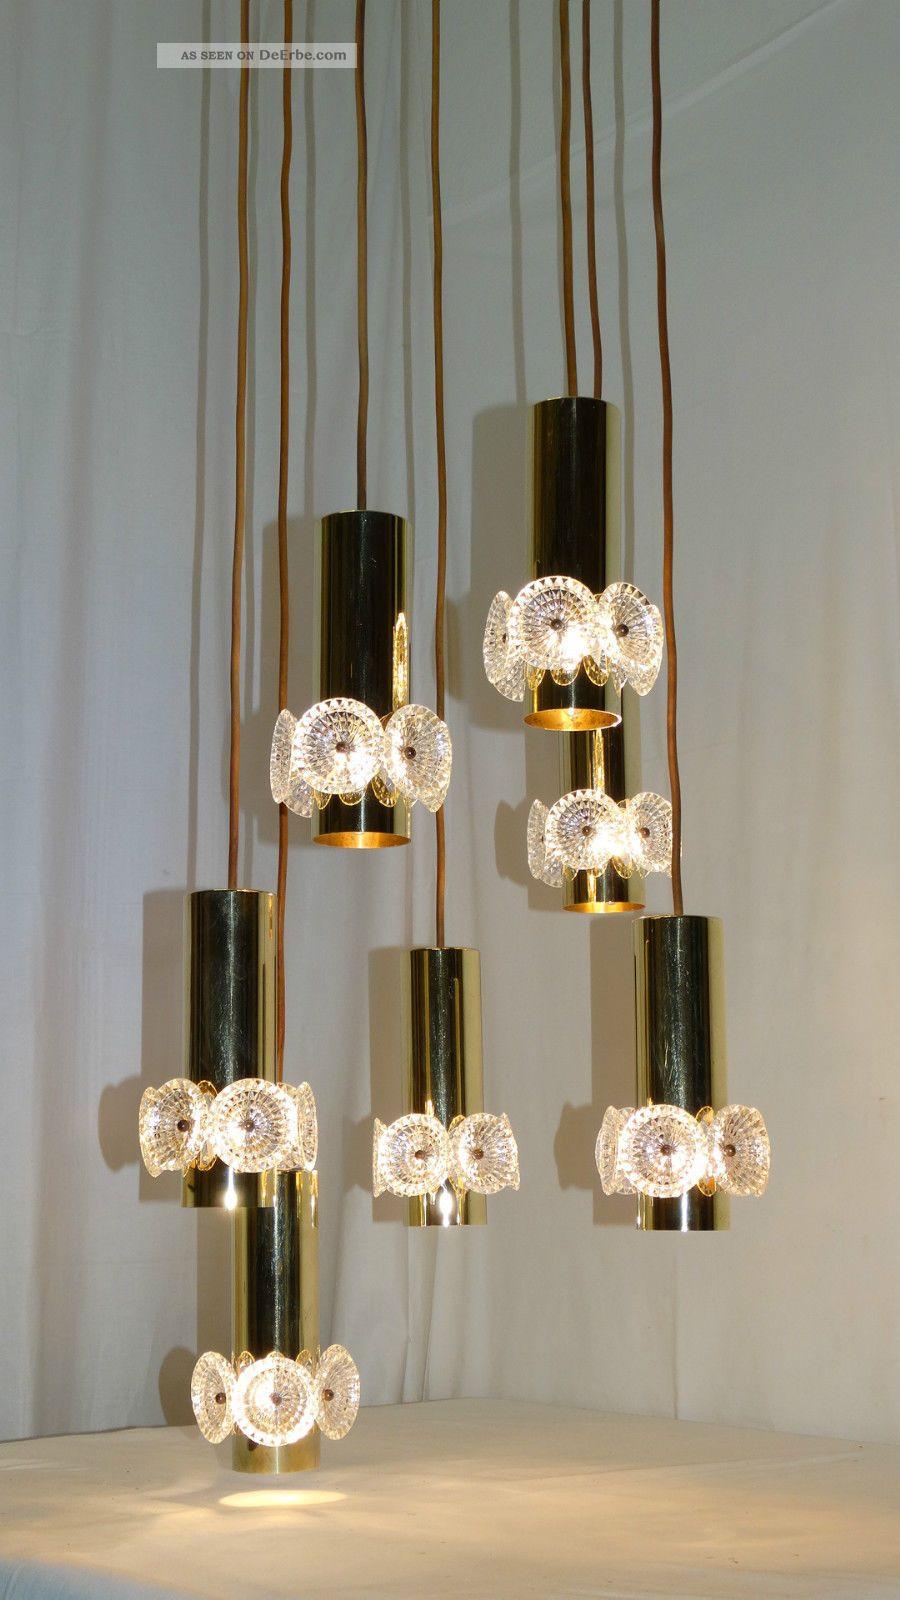 kaskadenlampe ddr deckenlampe pusteblume lampe stejnar ? chandelier